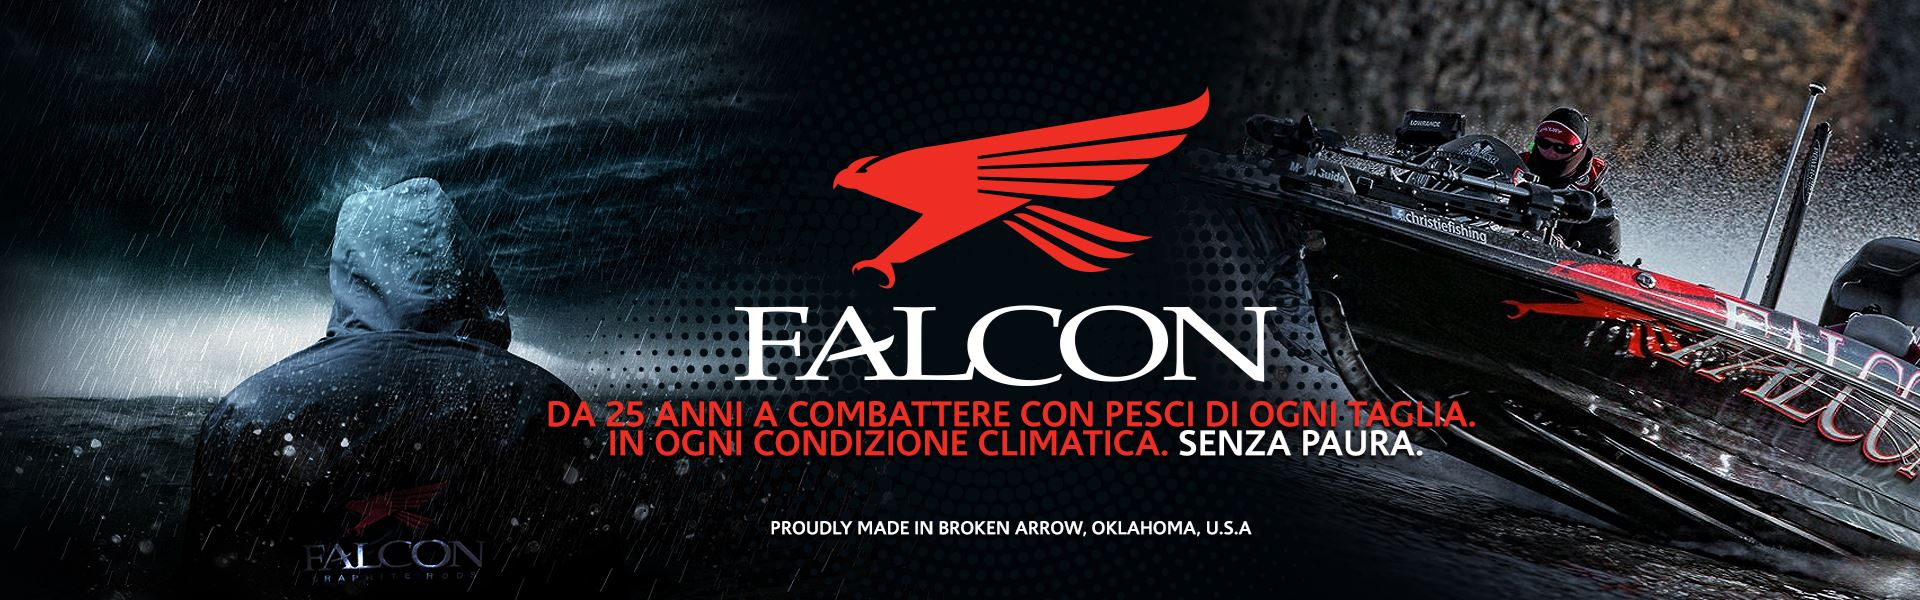 Canne Falcon, per la pesca al bass, alla spigola, al serra. Il top di gamma